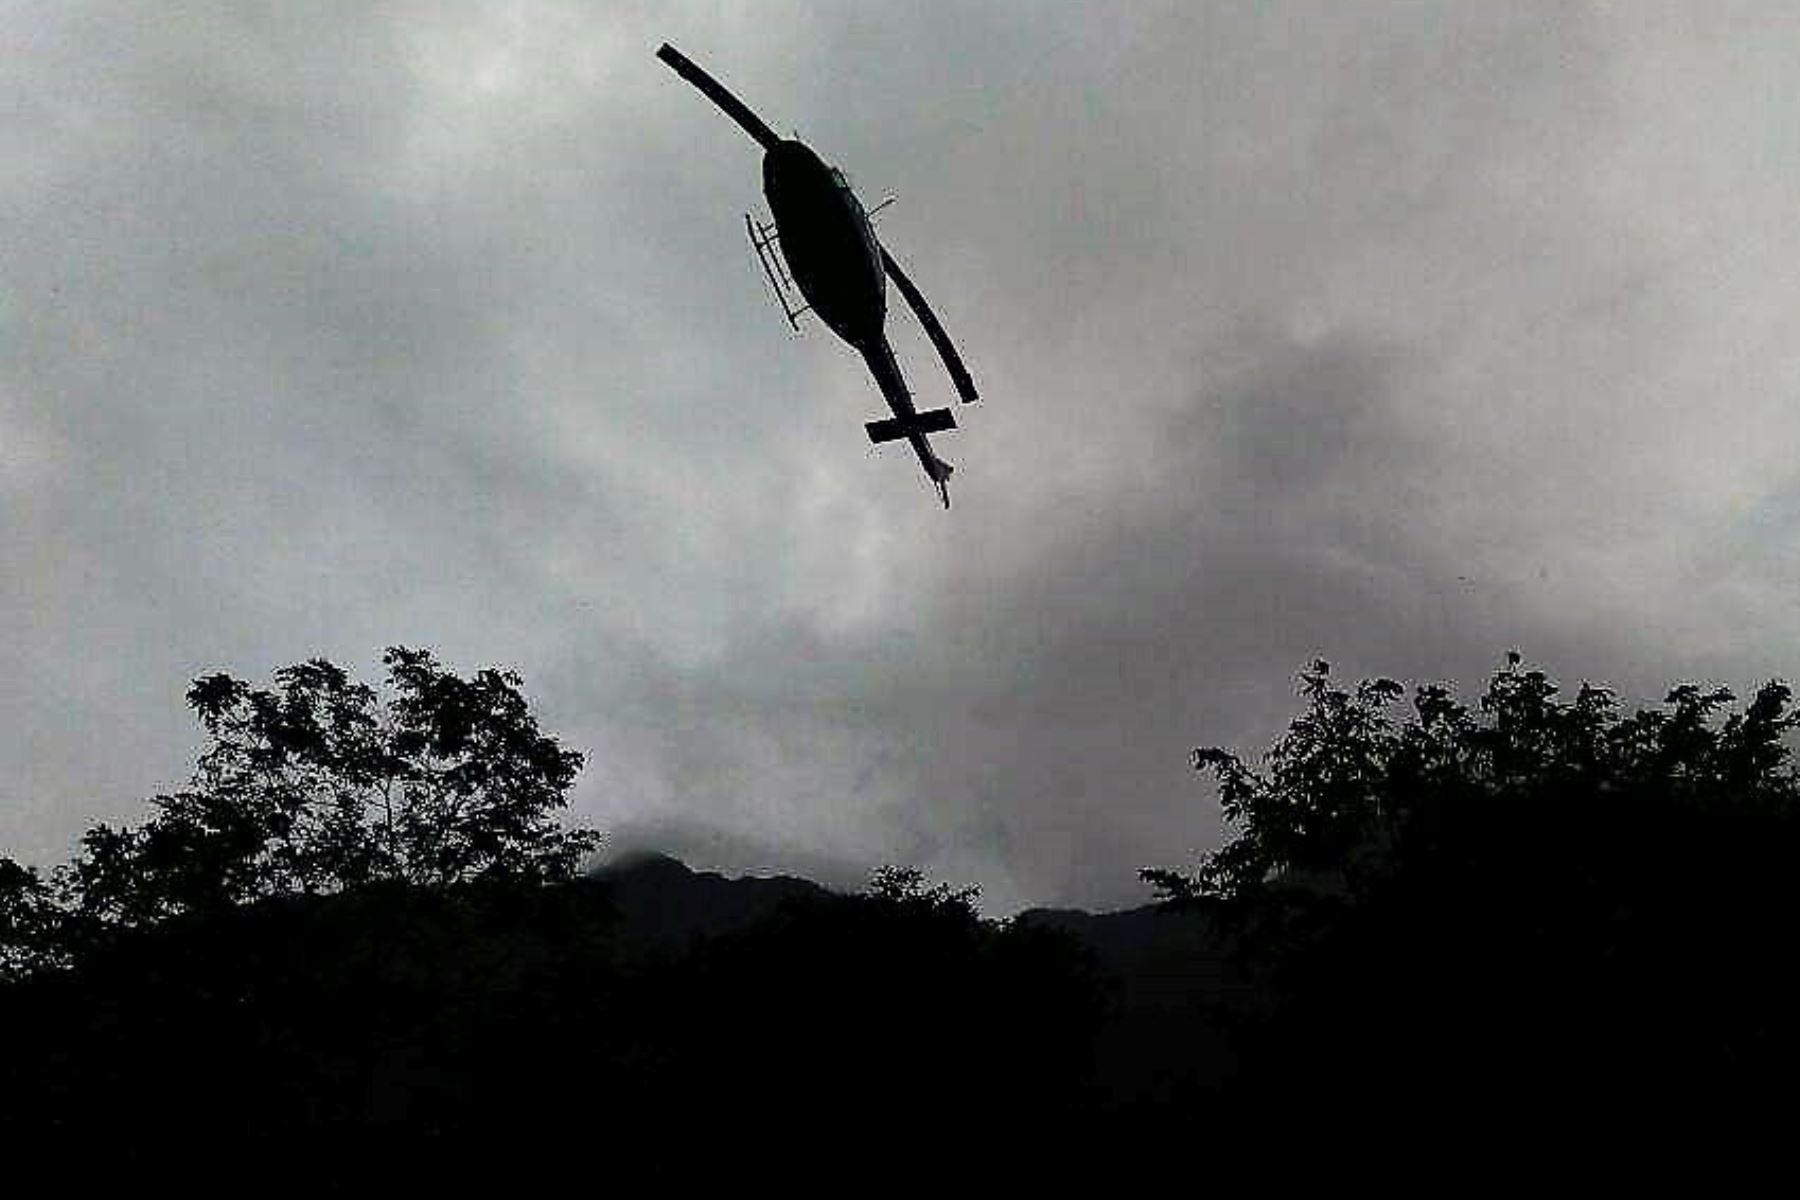 Labores de búsqueda de helicóptero MI-17 de la Fuerza Aérea del Perú se retomarán mañana a primera hora, informó la FAP. Foto: ANDINA/Difusión